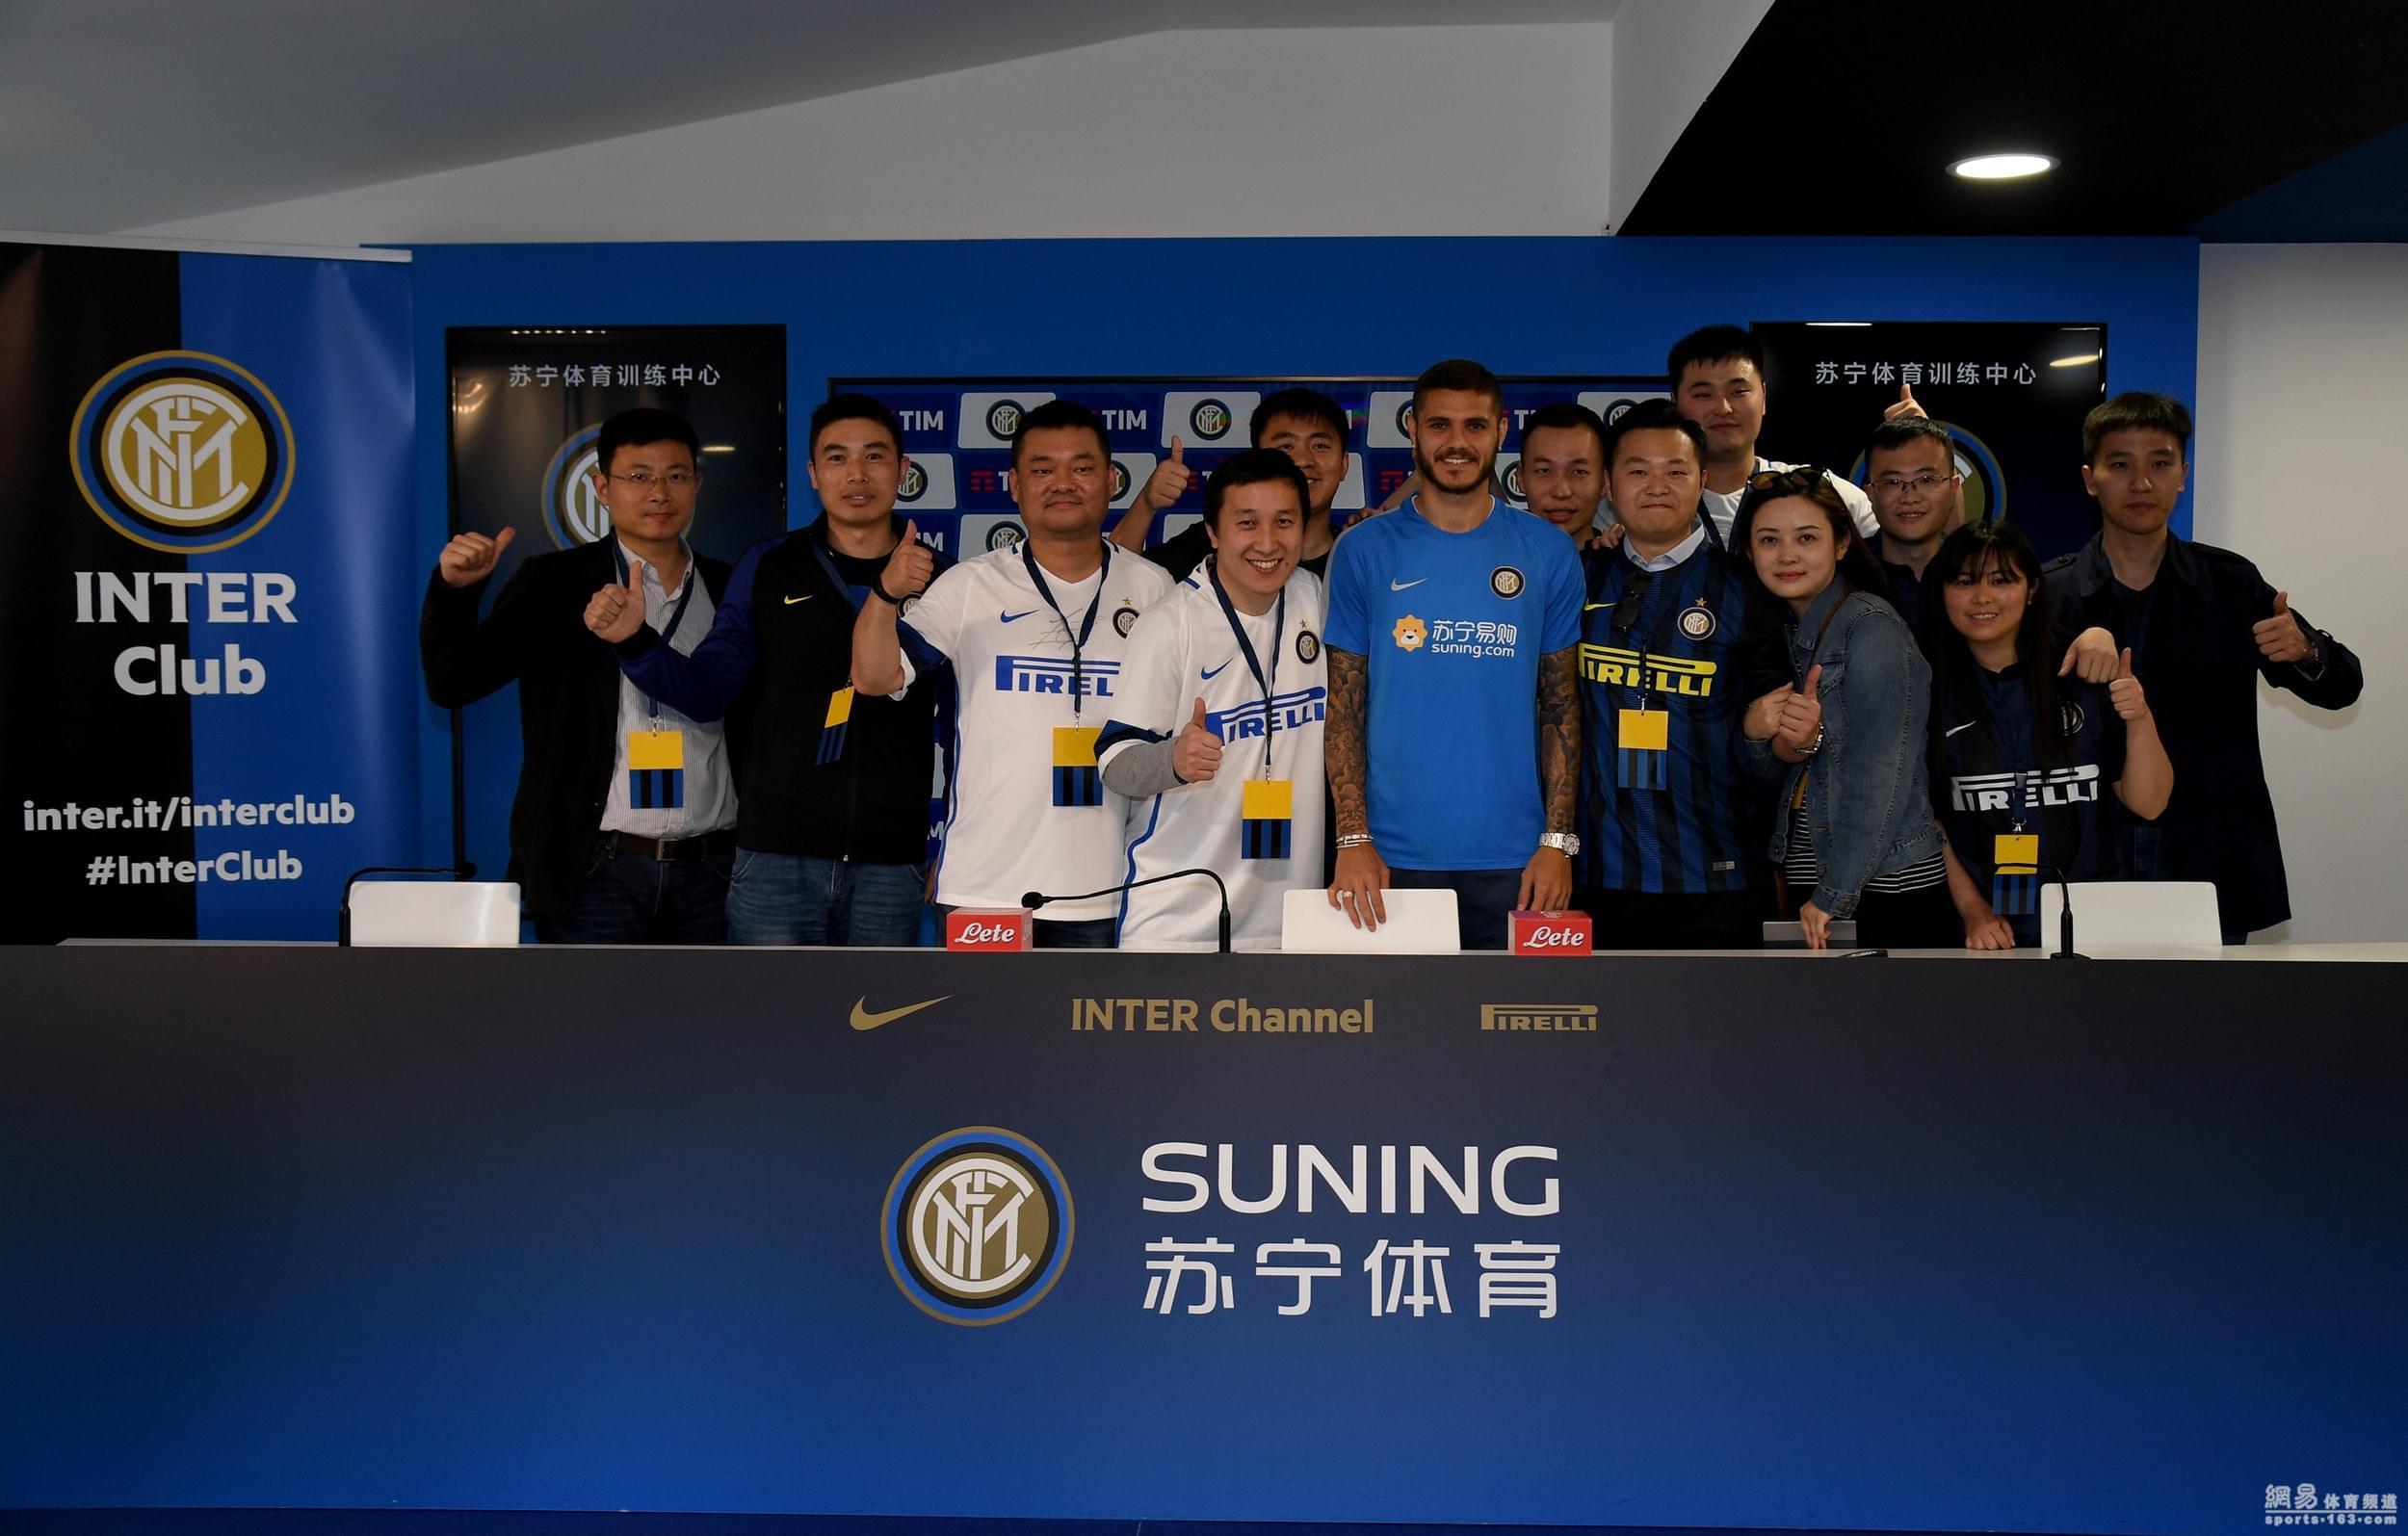 伊卡尔迪与中国国米球迷